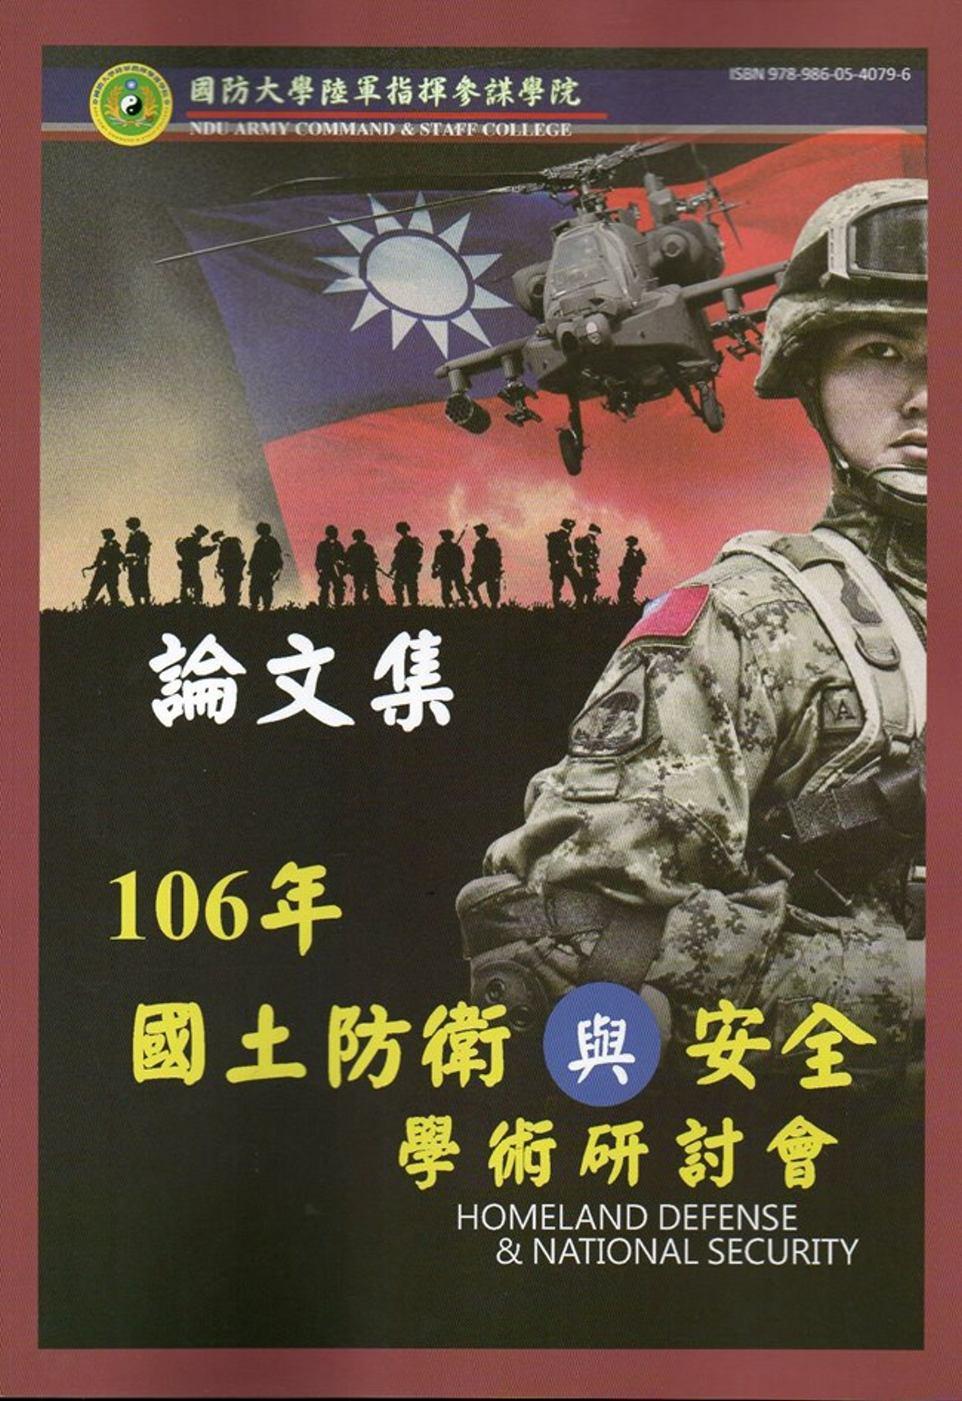 國防大學陸軍指揮參謀學院民國106年度國土防衛與安全學術研討會論文集